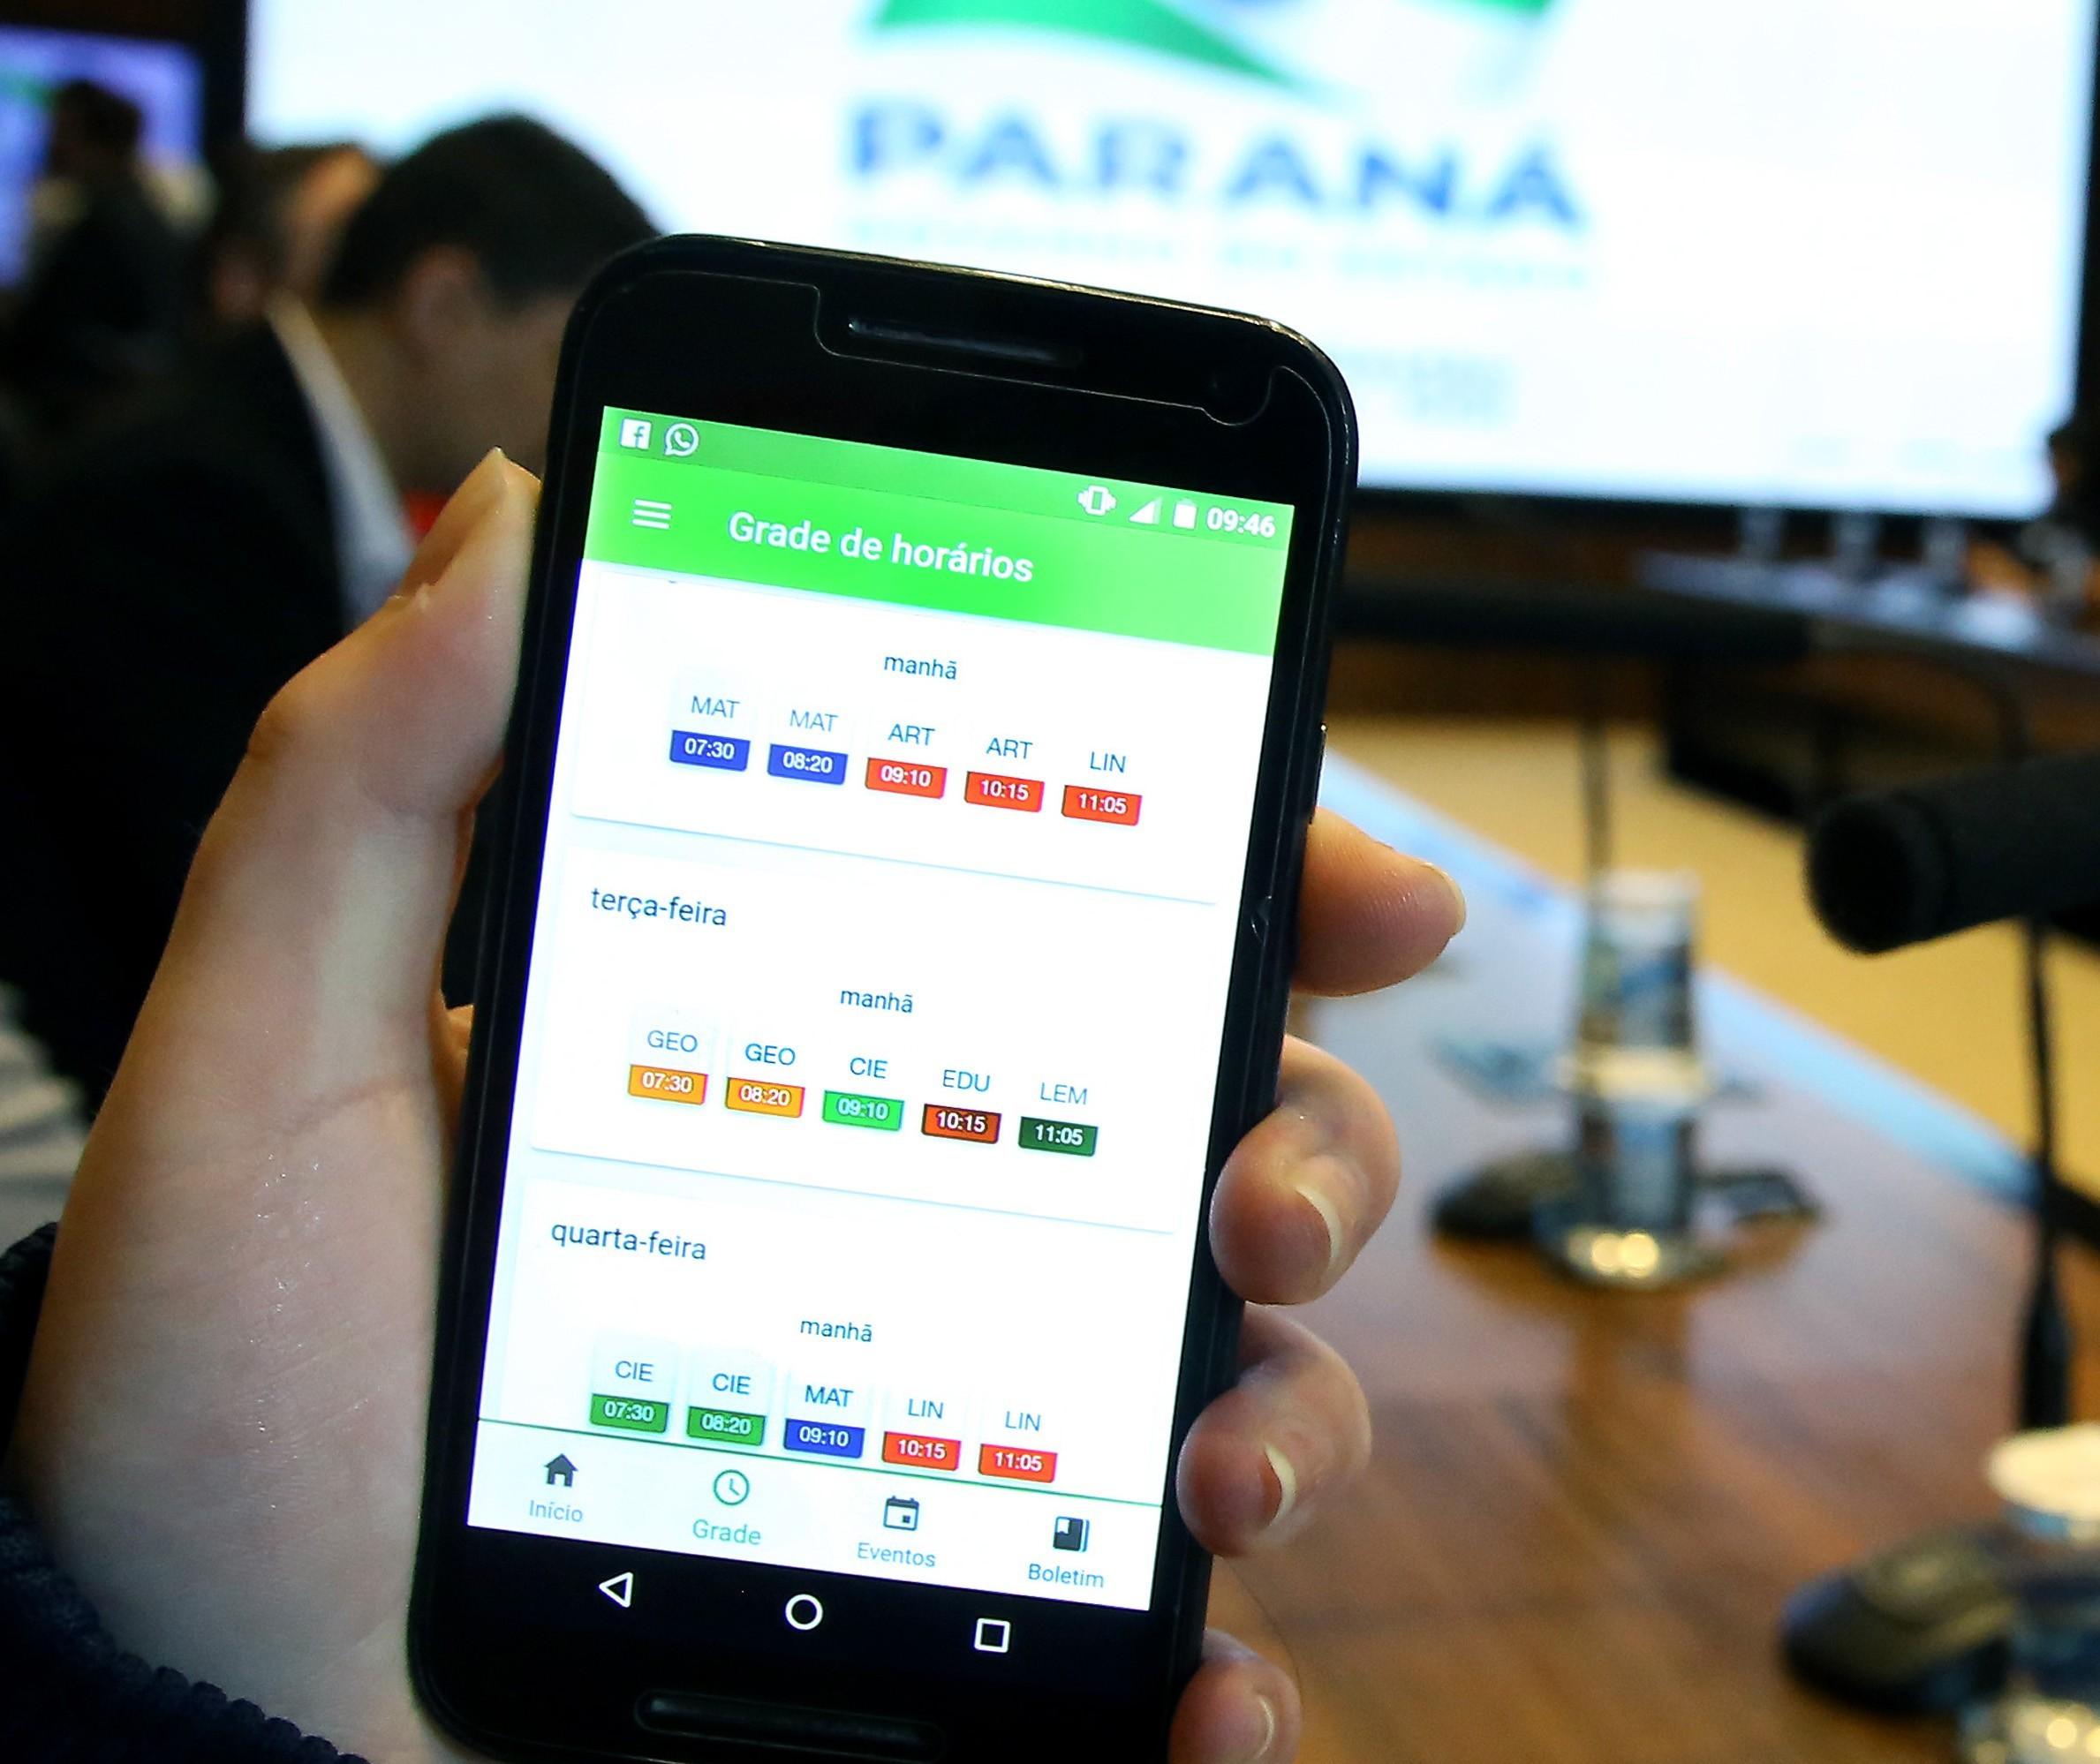 Desempenho escolar de alunos estaduais já pode ser acompanhado por aplicativo